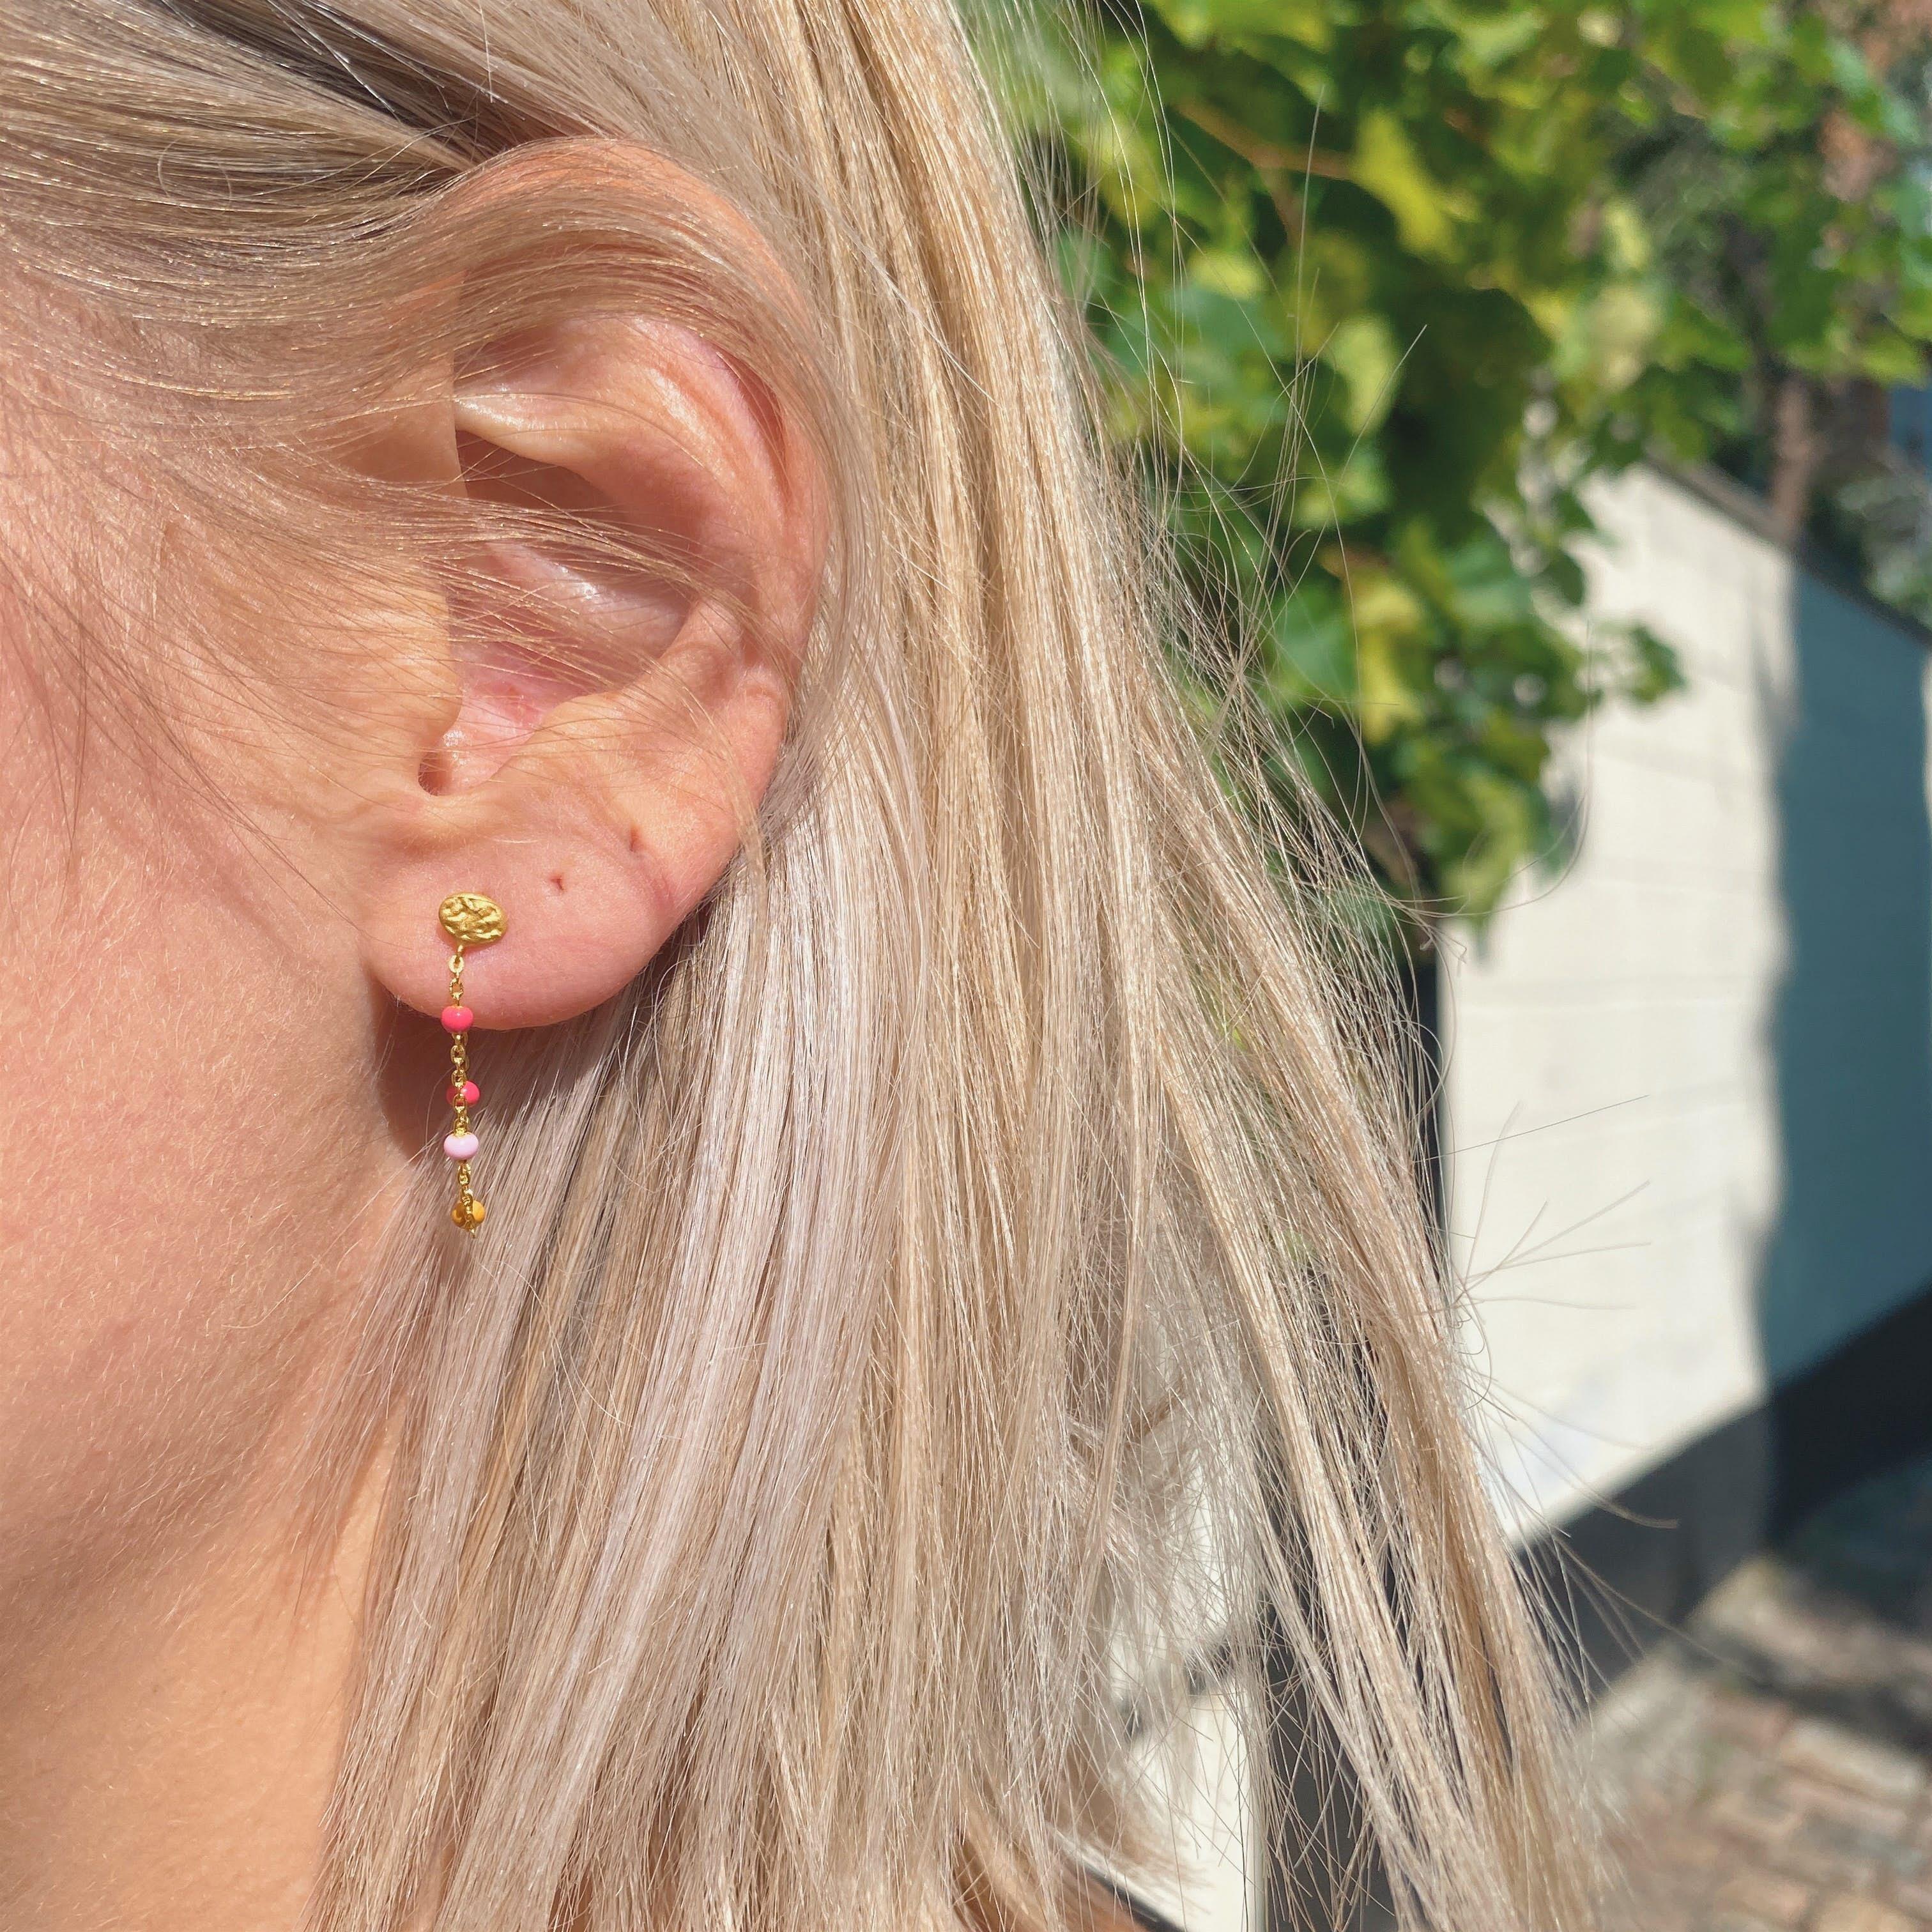 Lola Earrings Sunrise från Enamel Copenhagen i Förgyllt-Silver Sterling 925